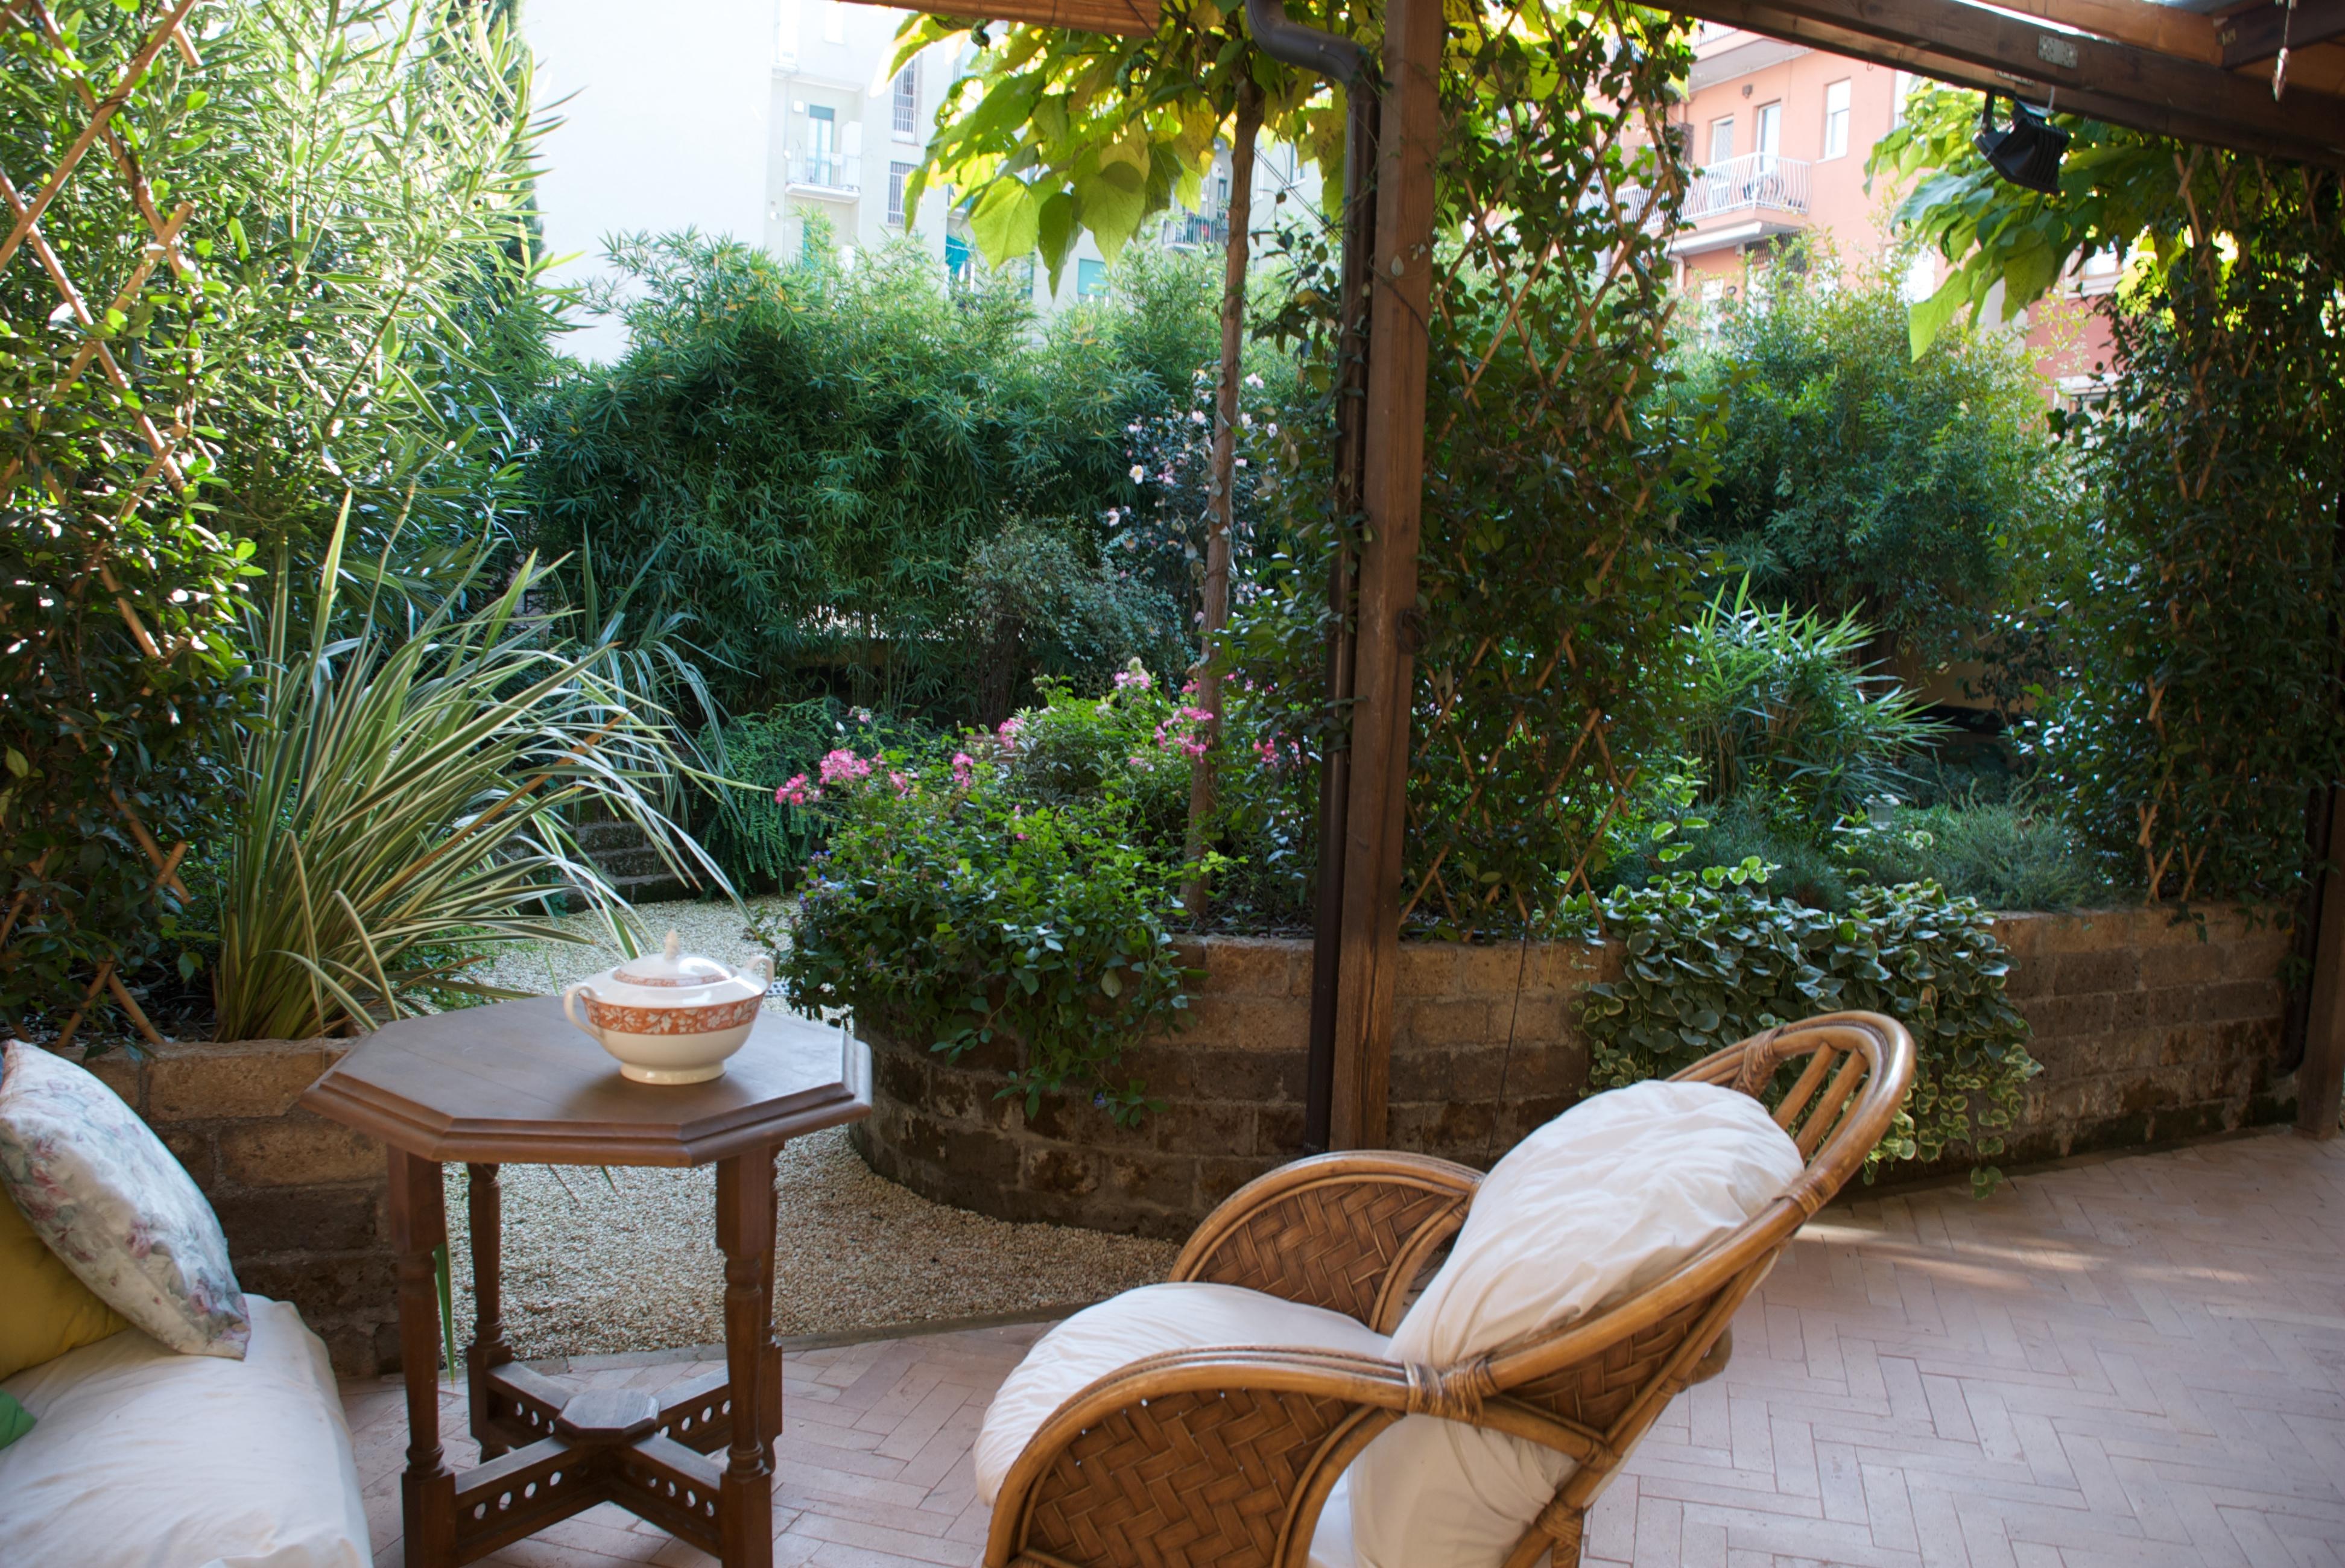 Giardinieri milano gallery fotografica fratelli for Balconi e terrazzi